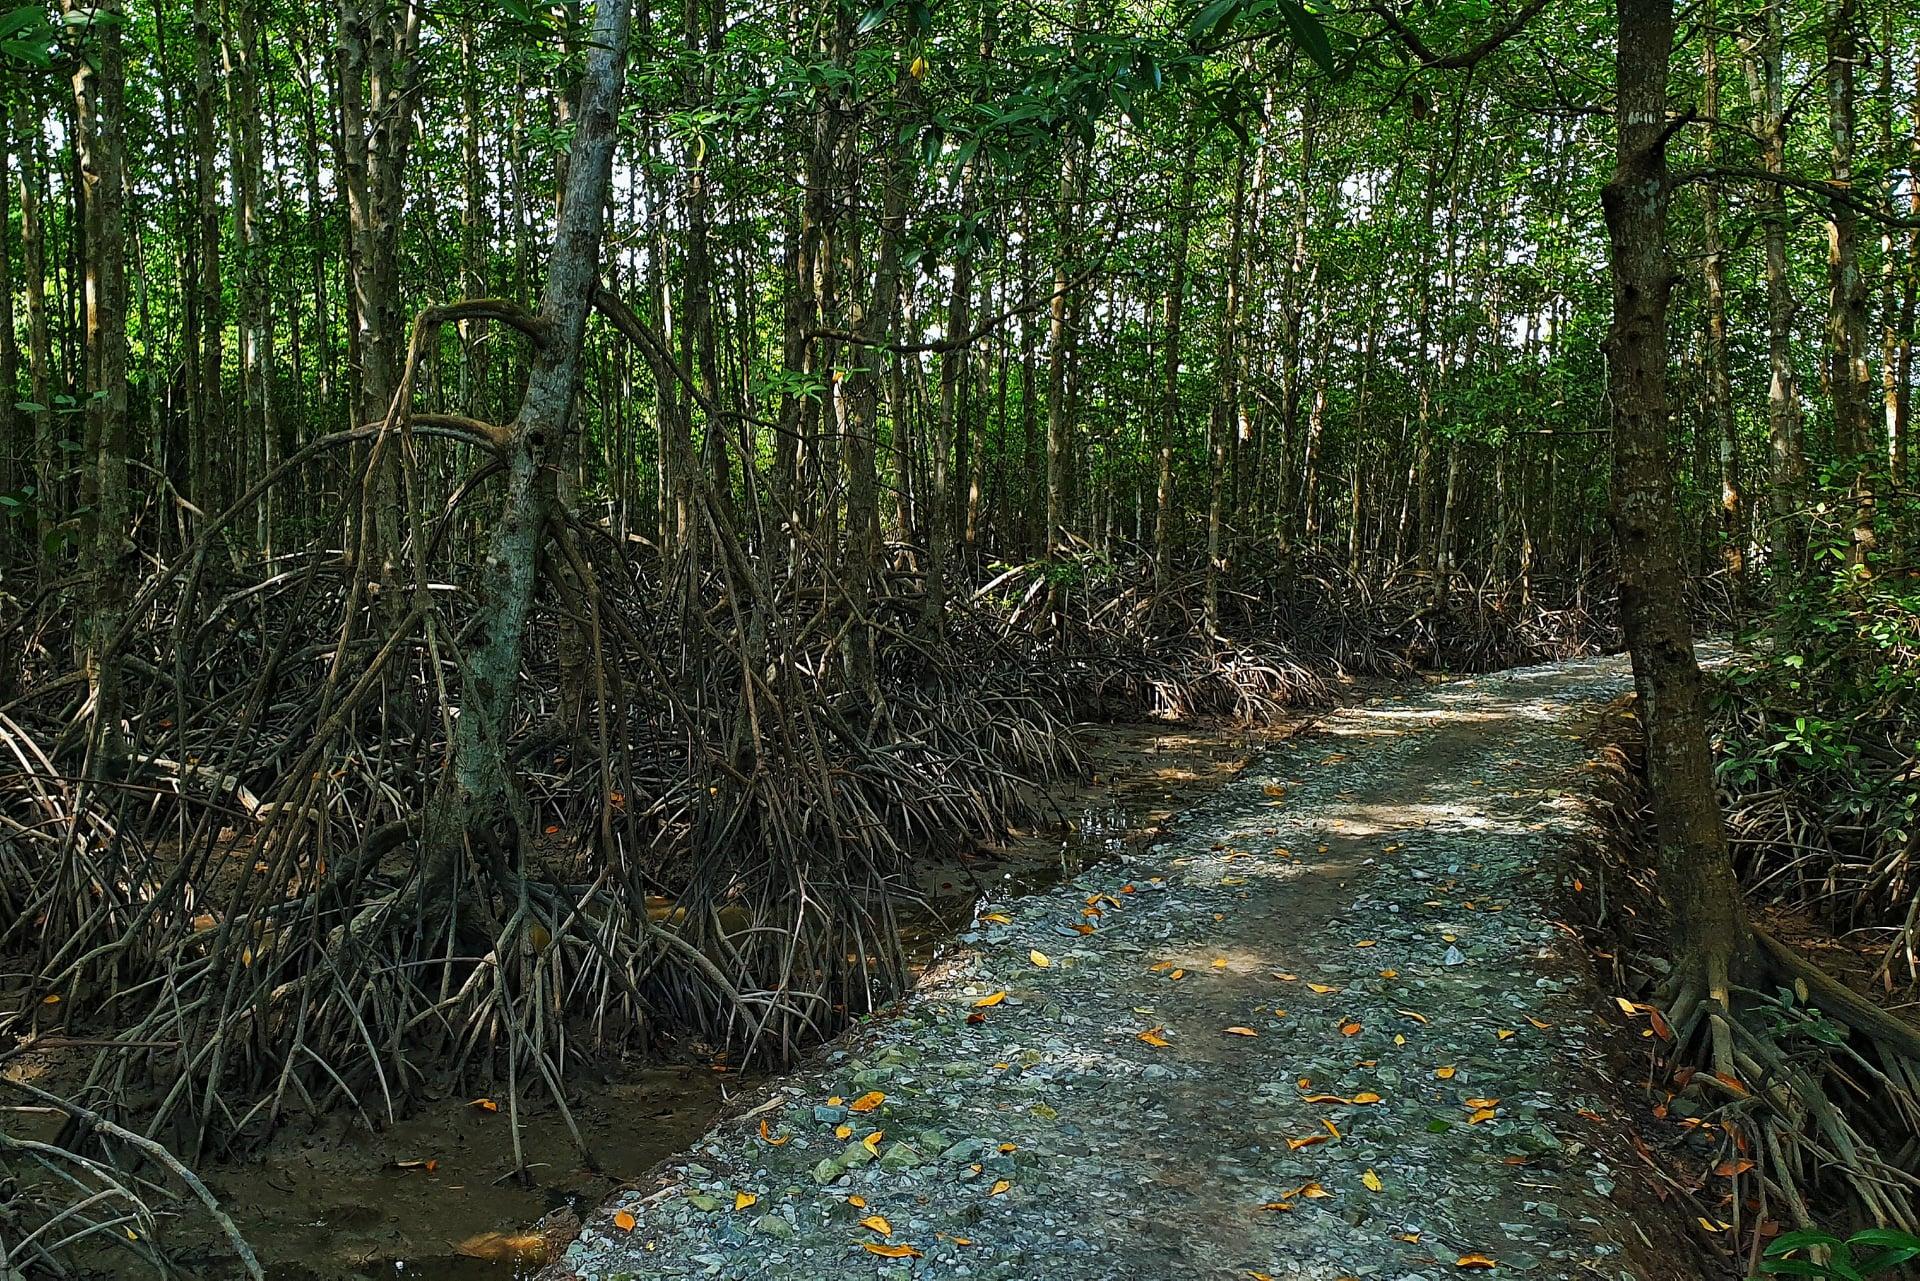 Đi đường Cần Giờ ngắm rừng đước bạt ngàn, cảnh tuyệt đẹp, cực yên bình - Nguồn ảnh: Đạt Lê